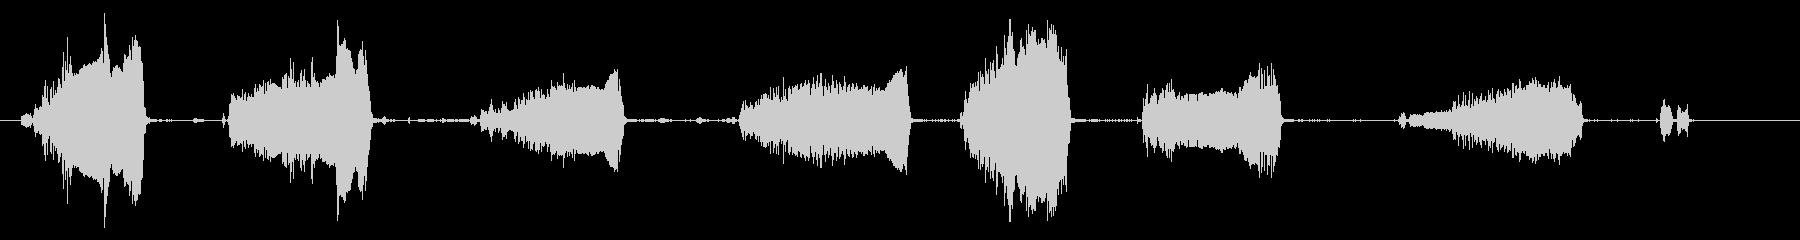 鶏小屋:内線:鶏のささやき、怖がっ...の未再生の波形